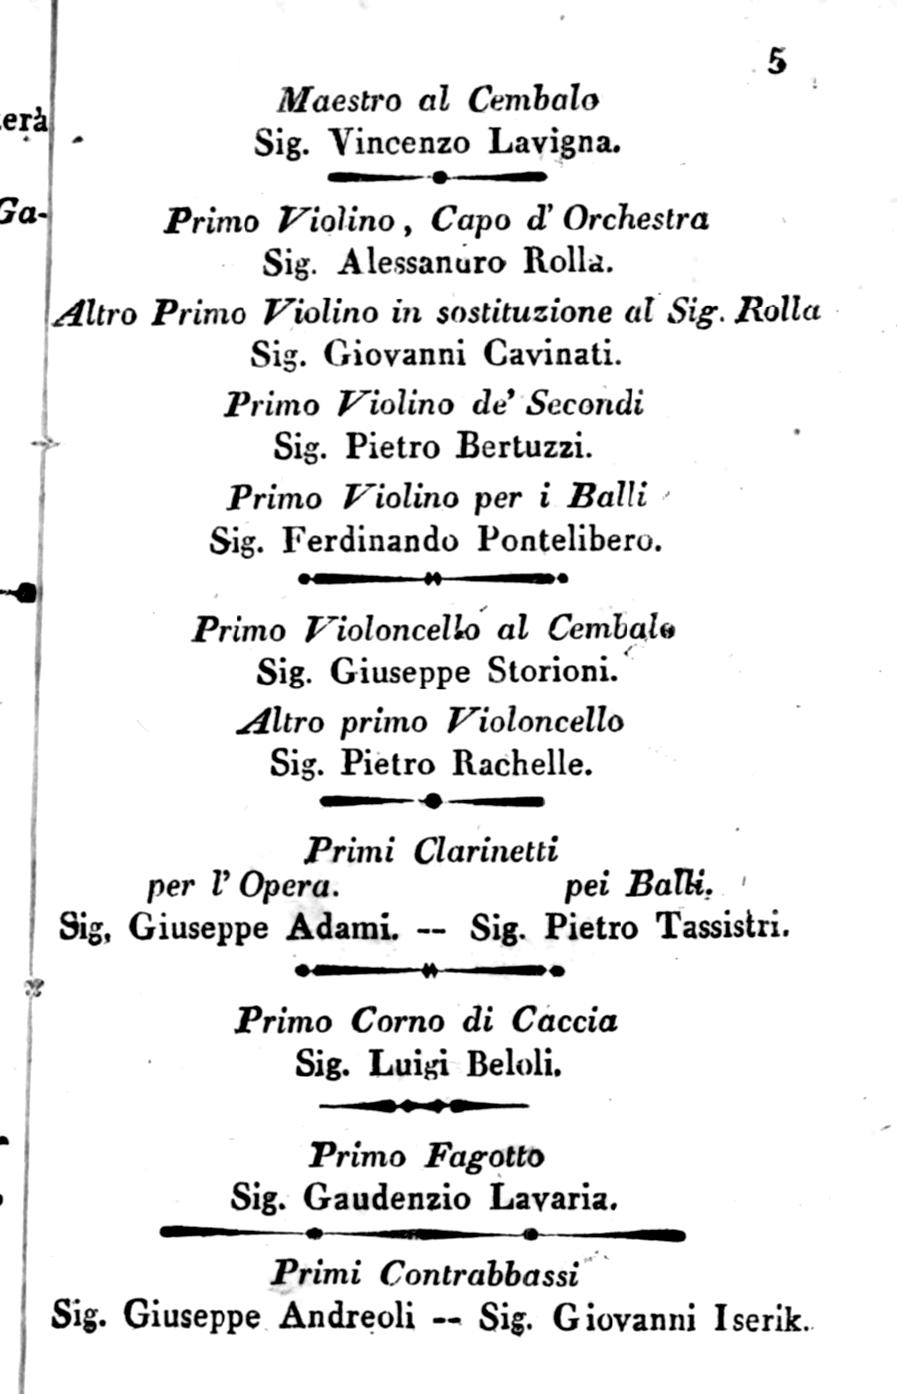 ミラノ・スカラ座歌劇場管弦楽団の歴史 1811年~1820年_b0189423_17262012.jpg